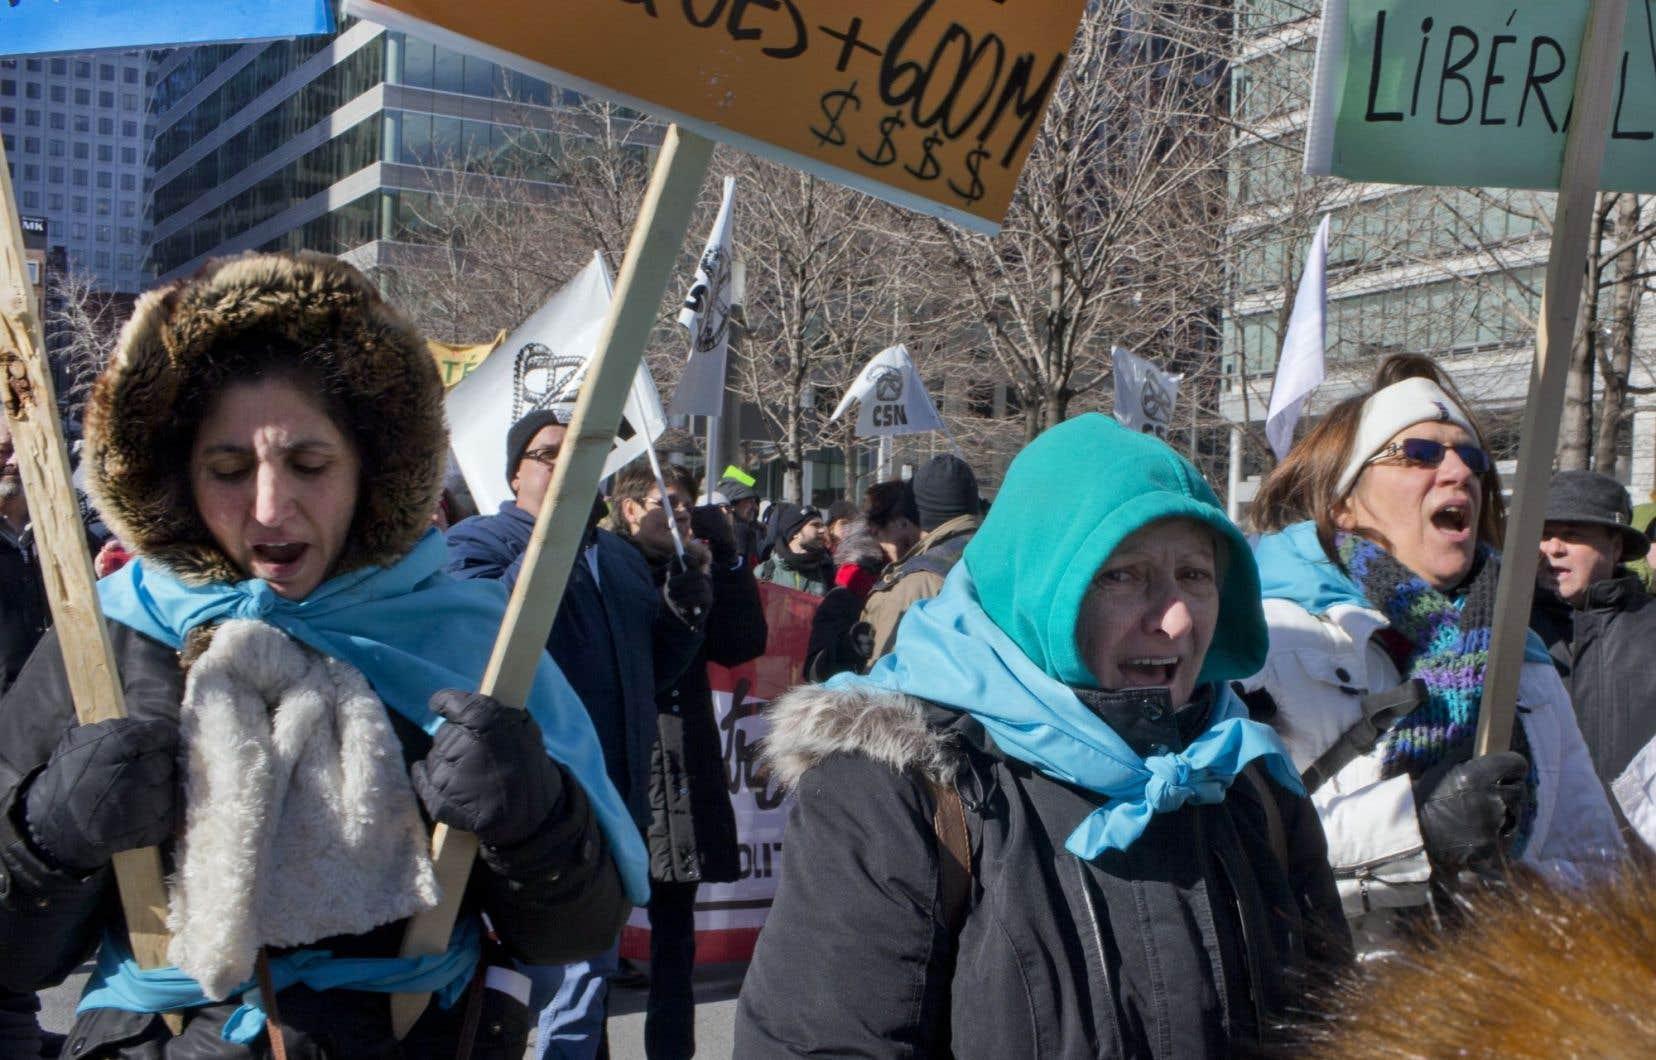 Des femmes manifestent contre les mesures d'austérité du gouvernement Couillard à Montréal, le 23 février.